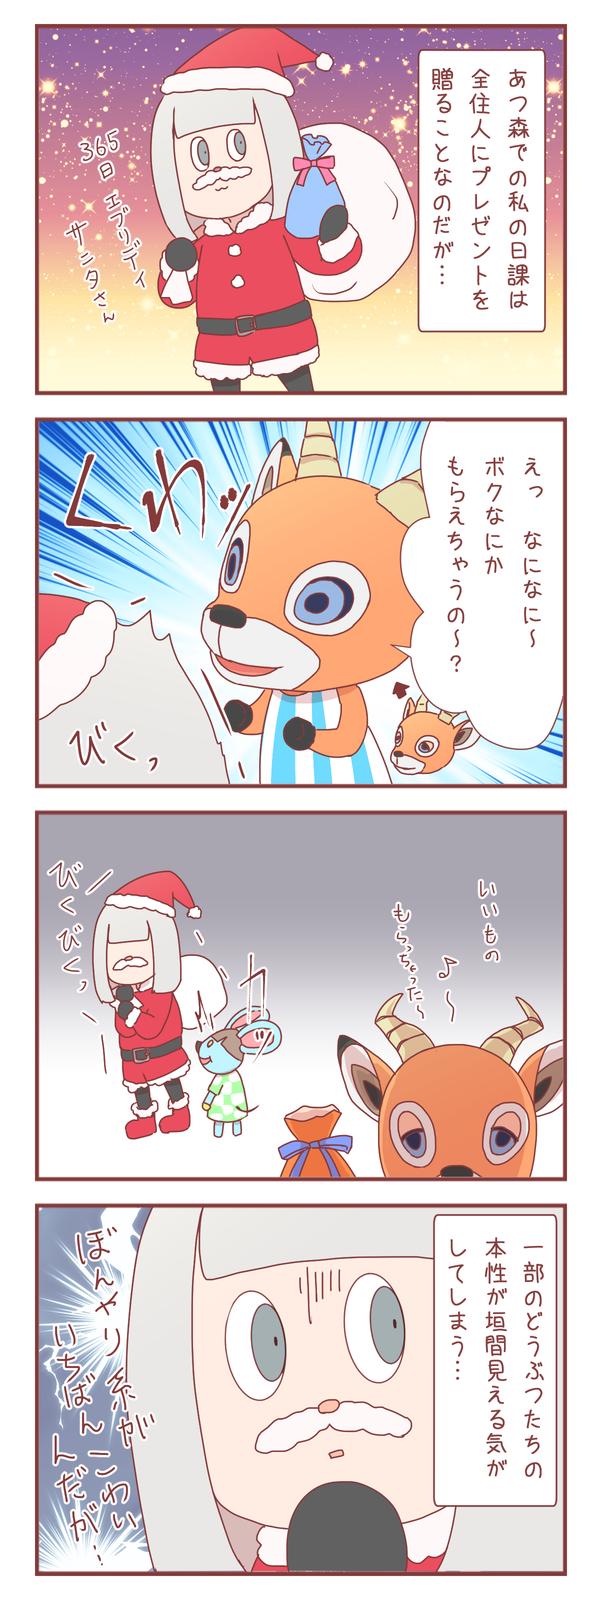 【あつ森】プレゼントを贈る時、一部のどうぶつが怖い件